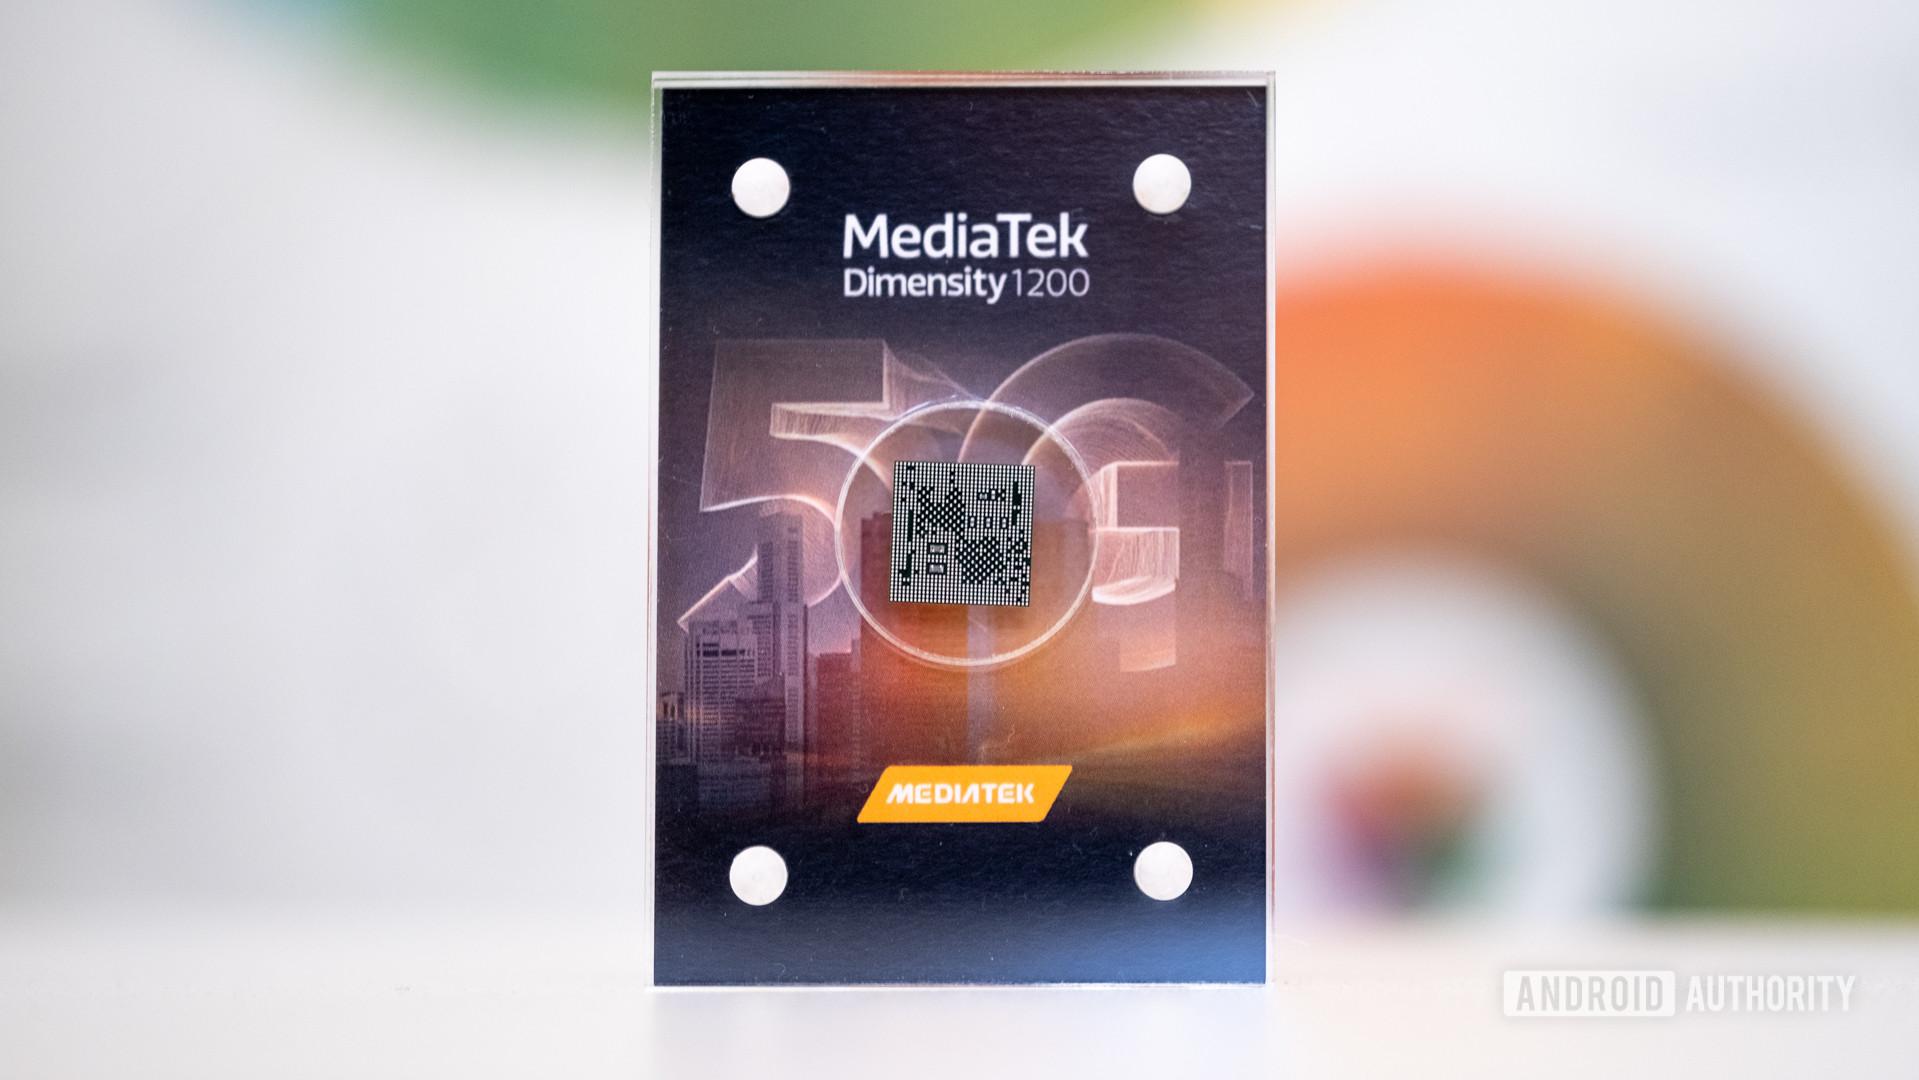 Mediatek Dimensity 1200 1